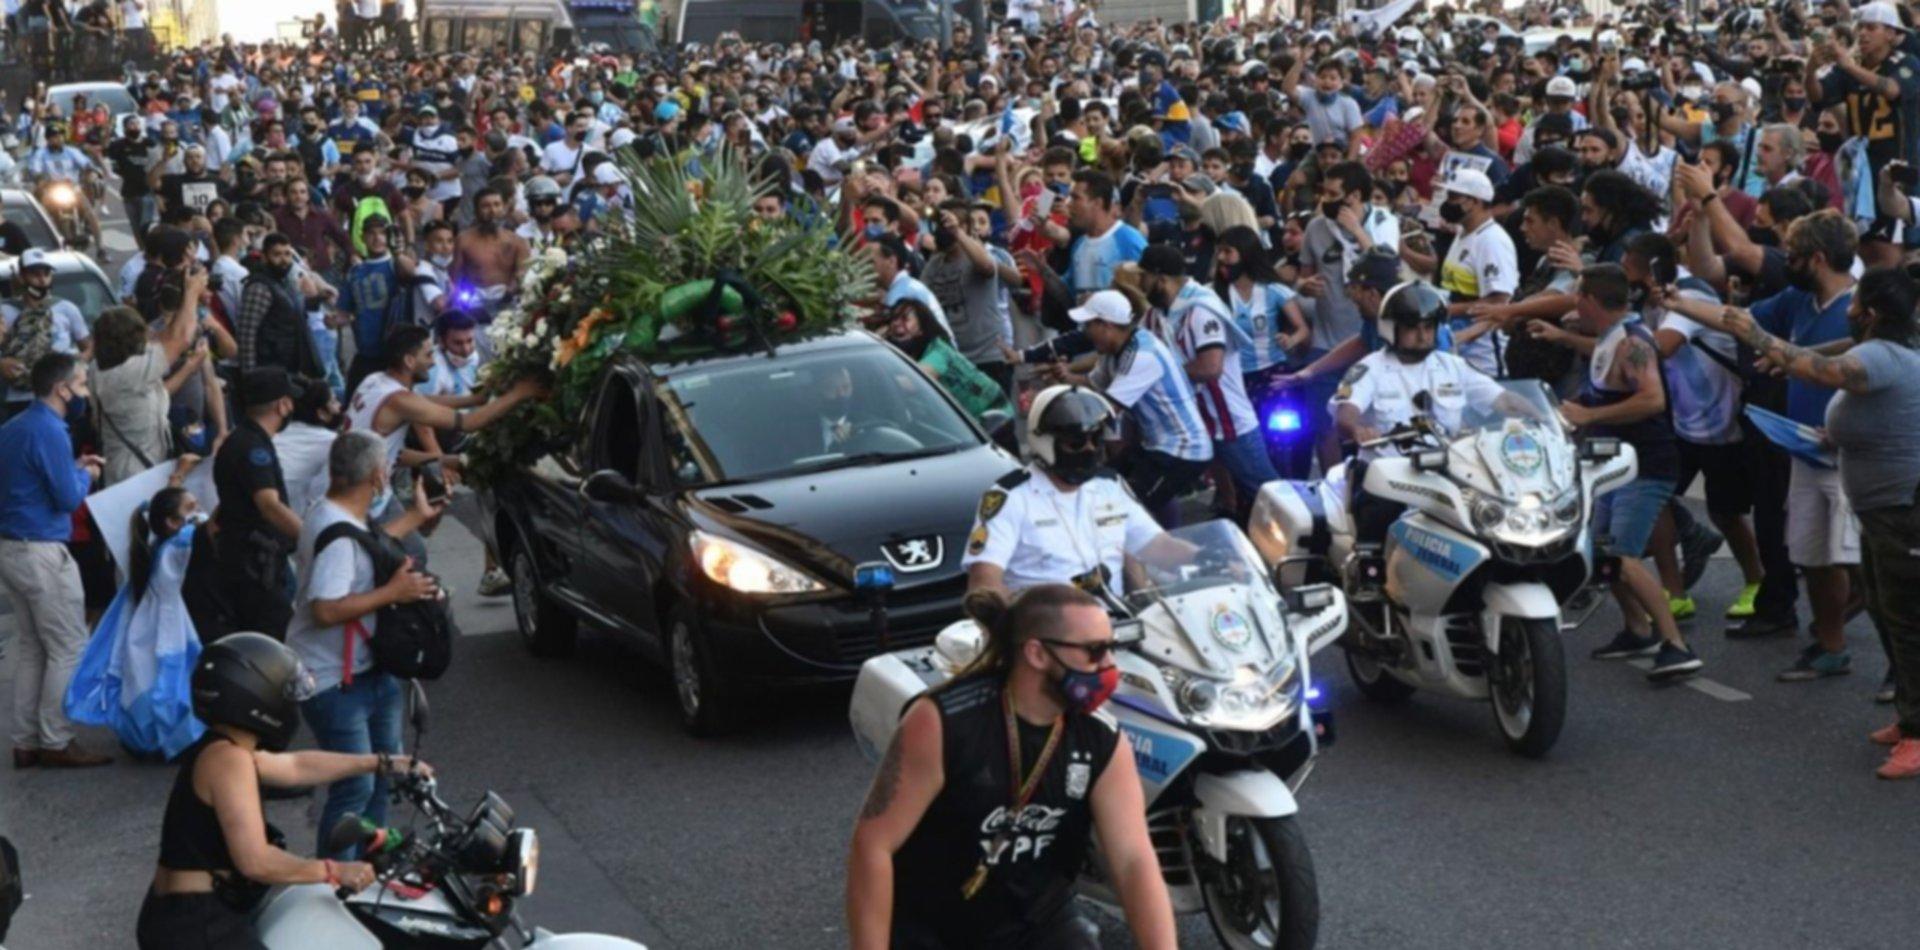 Ovación, lágrimas y amor puro: una multitud acompañó a Maradona en el cortejo fúnebre